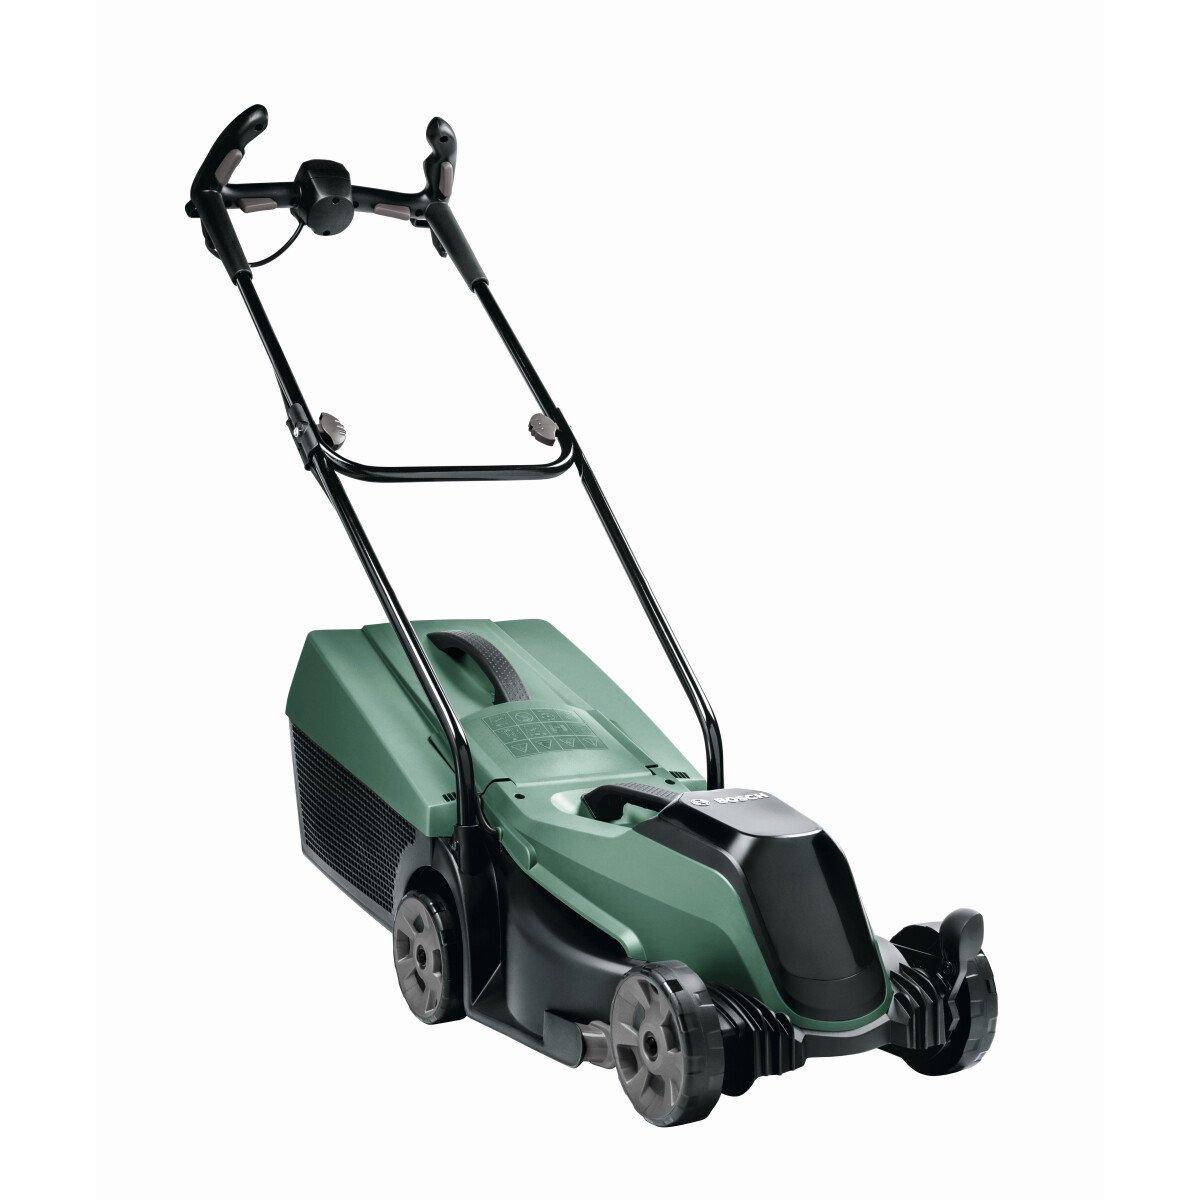 Bosch CityMower 18 18V Body Only 32cm Lawnmower for Effortless Urban Gardening